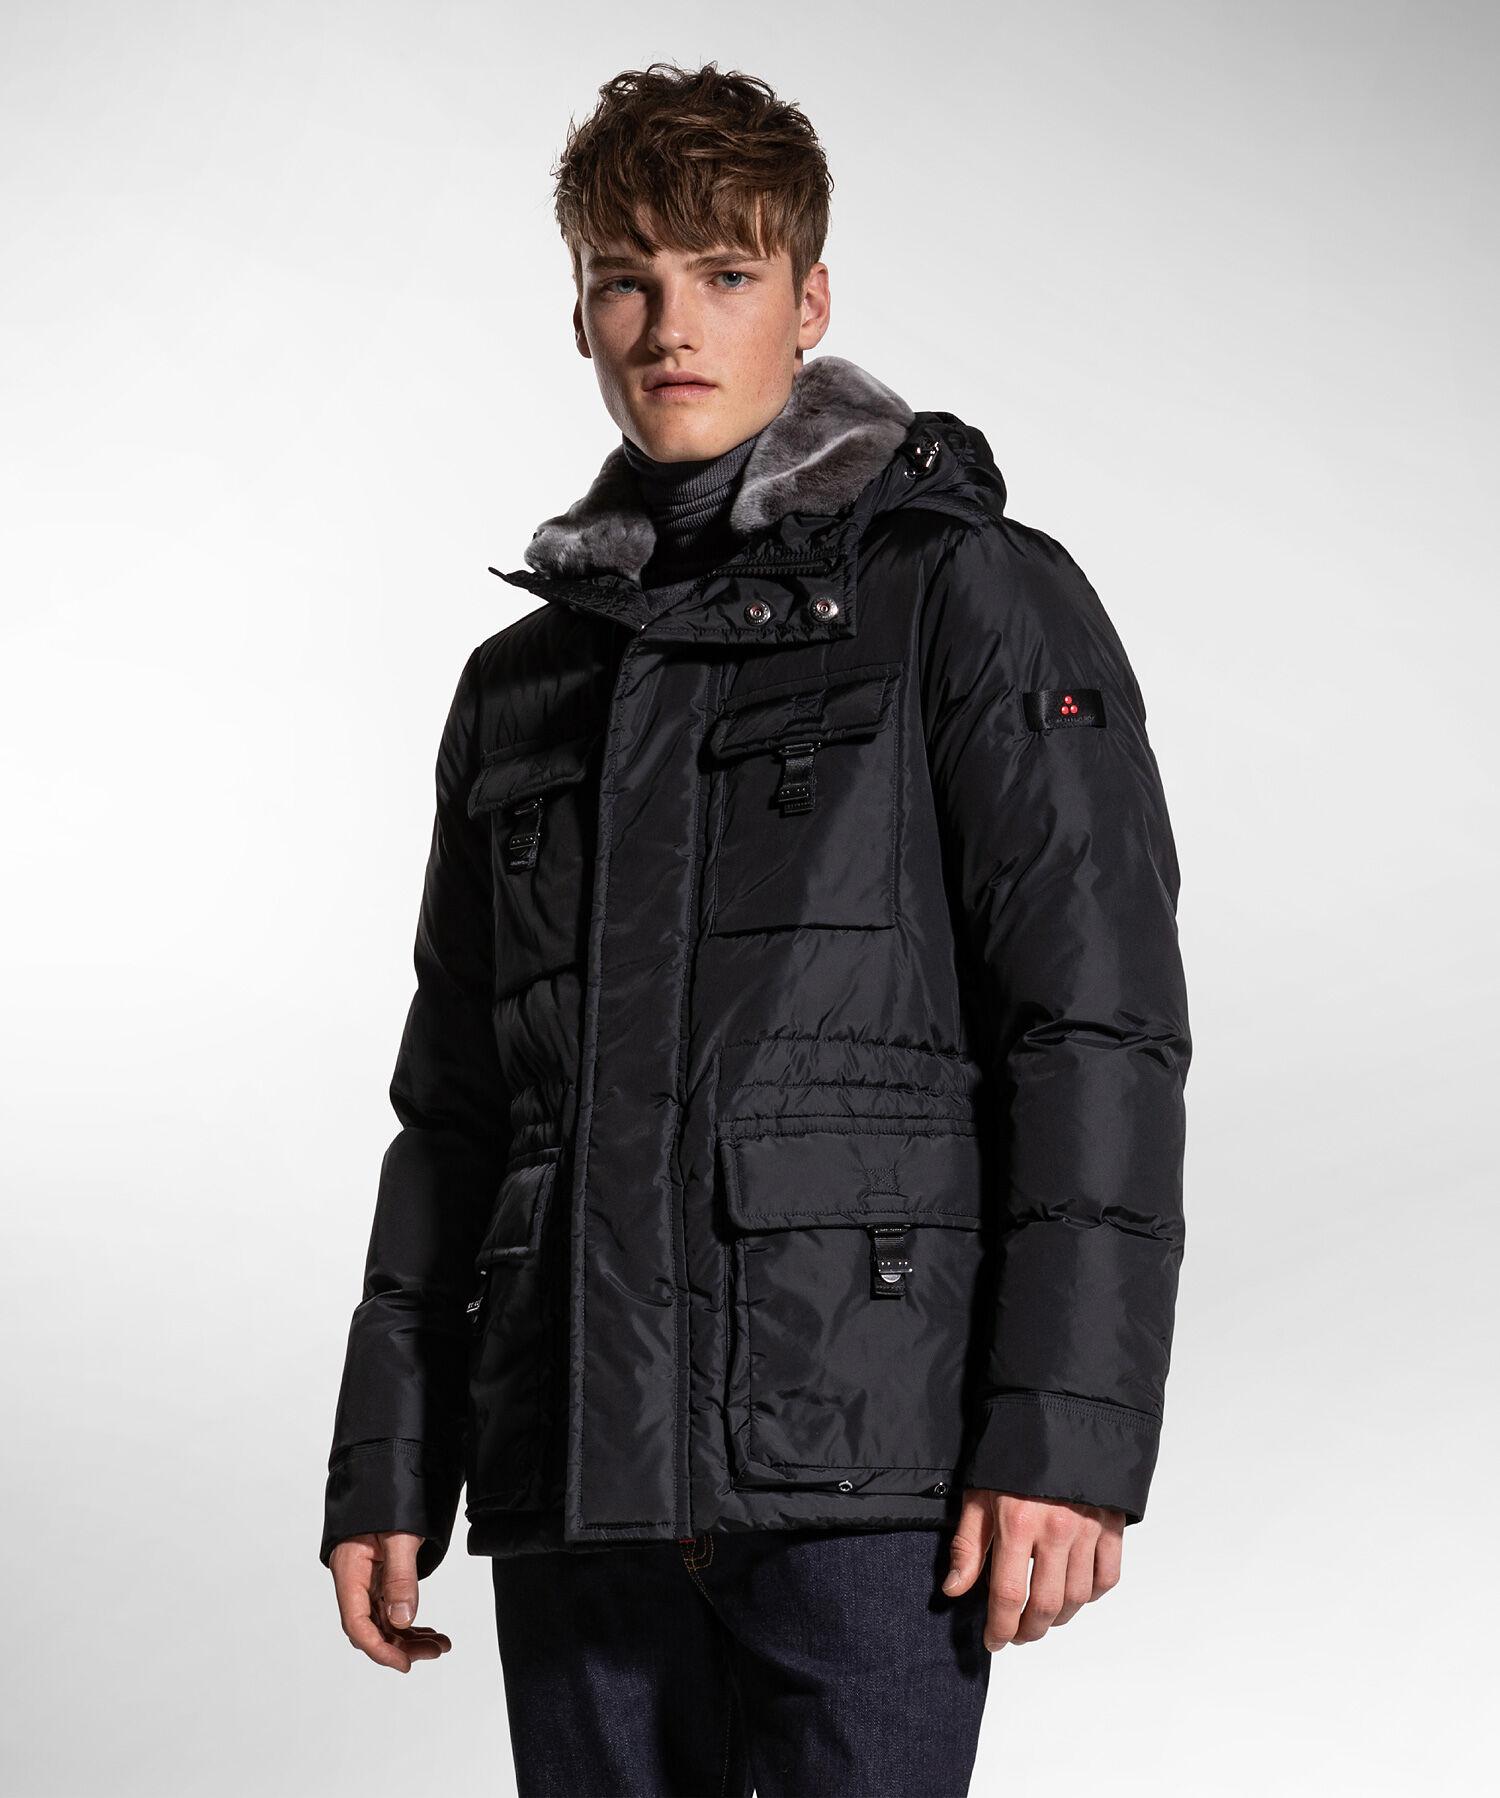 Field jacket con collo in pelliccia - Peuterey